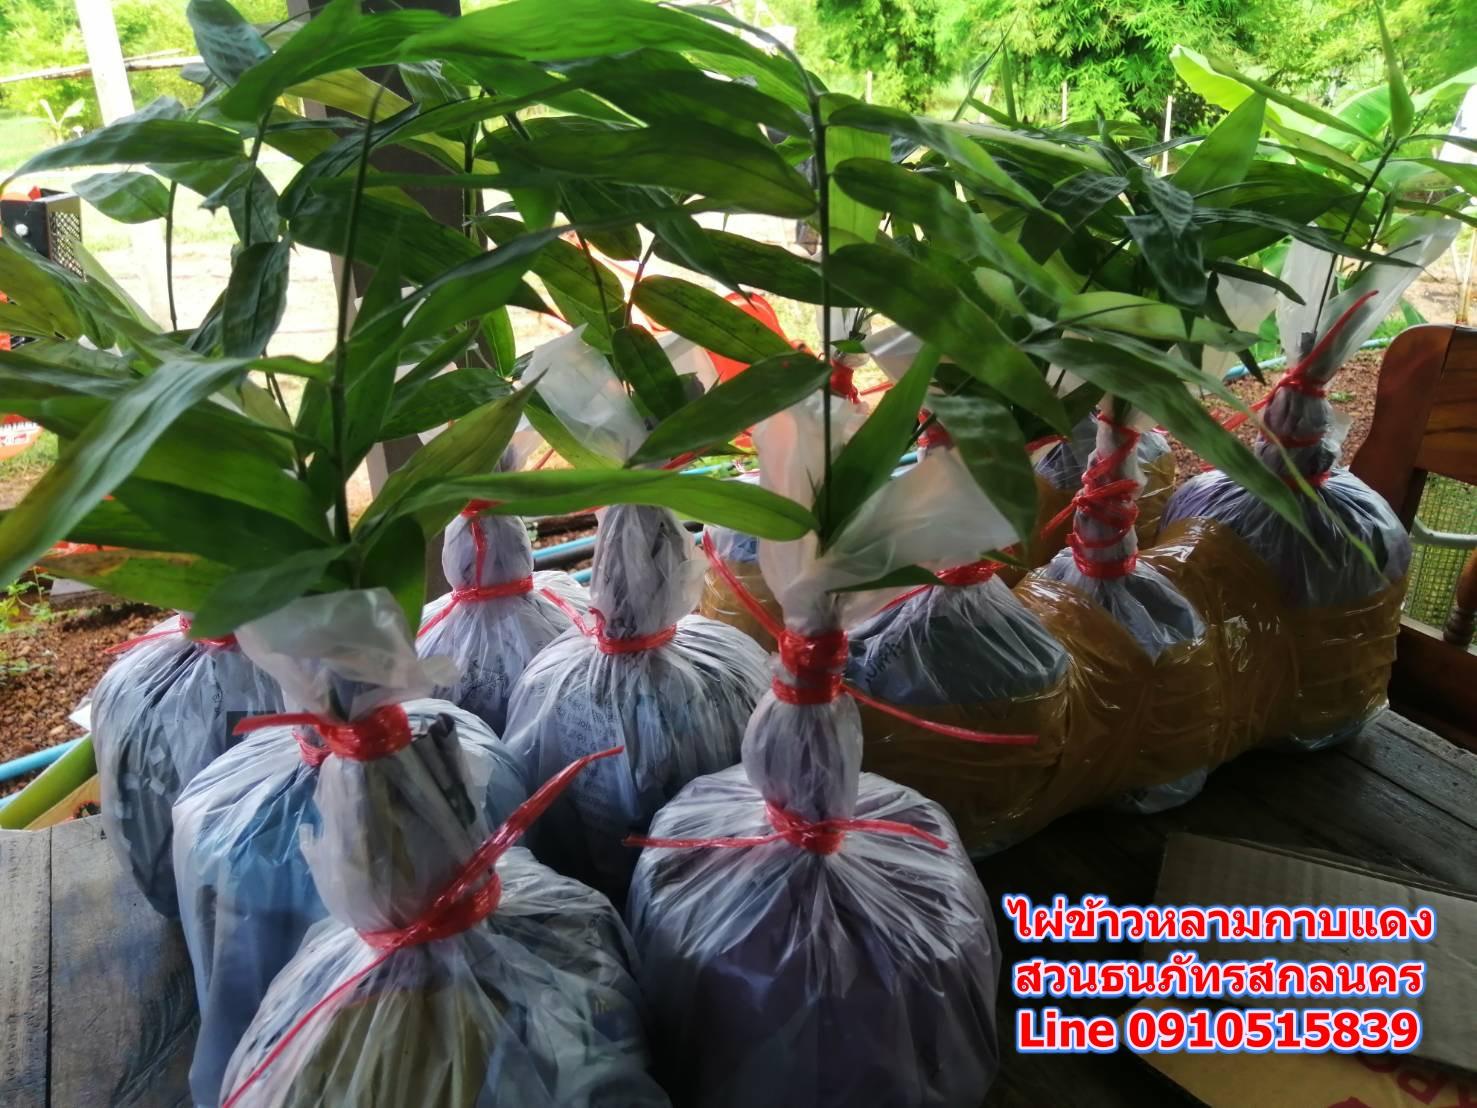 ขายพันธุ์ไผ่ข้าวหลามกาบแดง เพาะเมล็ด ต.เมืองเก่า อ.เมือง จ.ขอนแก่น